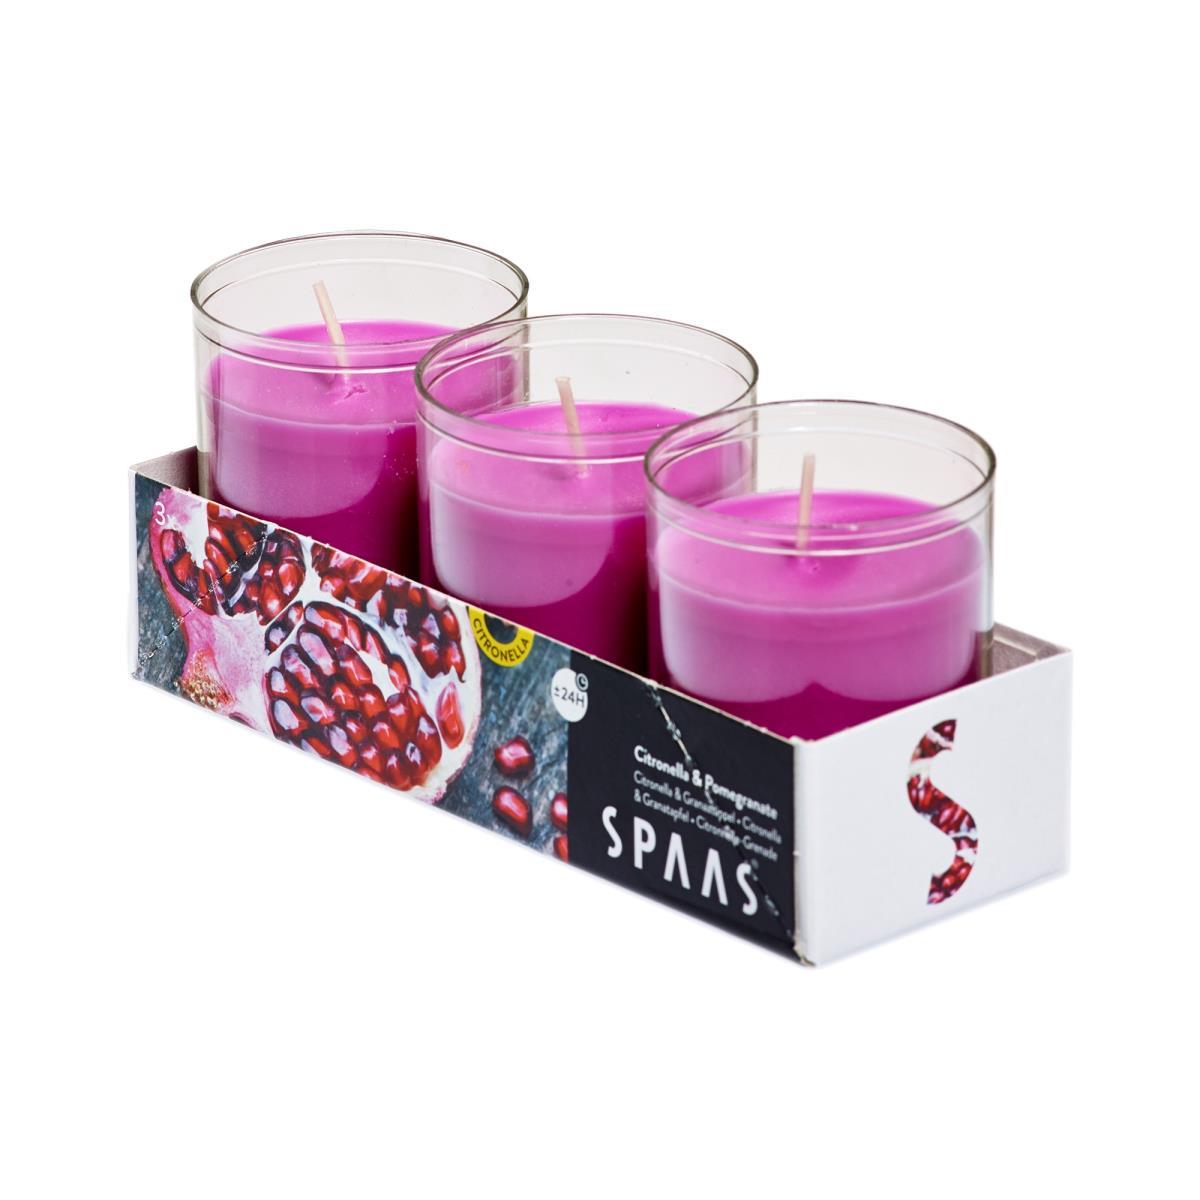 2 x Citronella Granatapfel Duftlichter Mücken Kerzen Teelichter Mückenabwehr ,Spaas,000051332861, 0676424768996